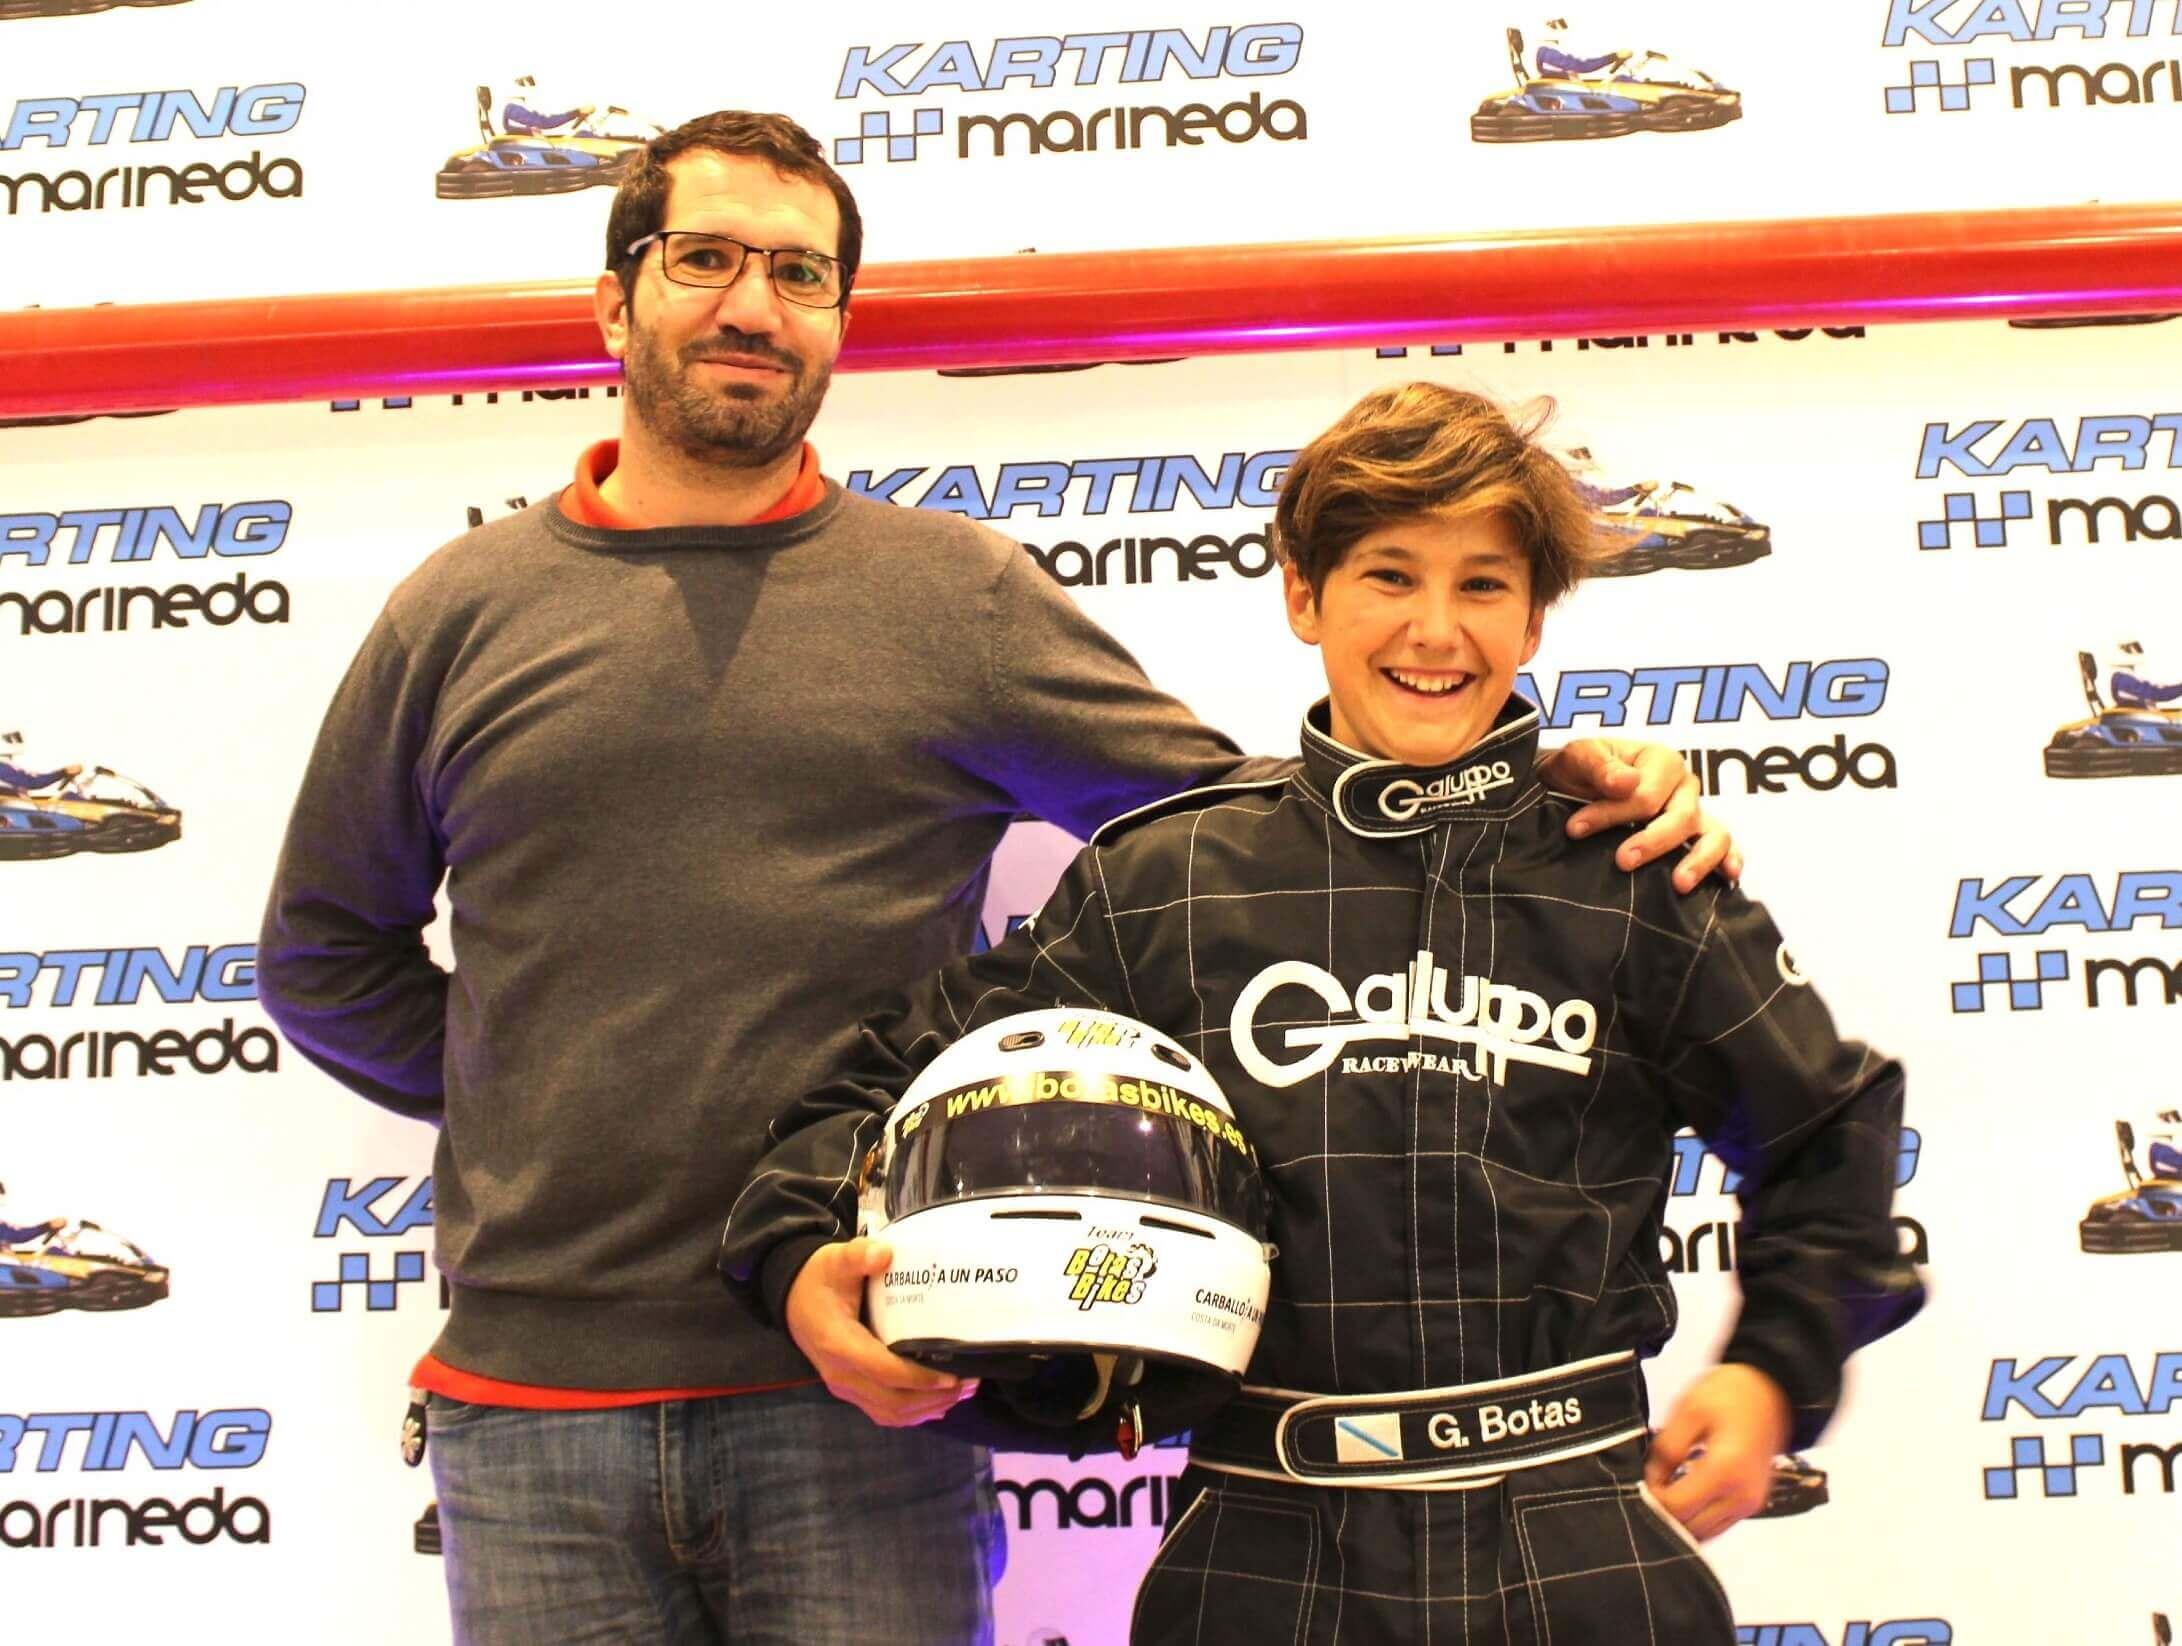 ¿Cómo Vive Las Carreras El Padre De Un Piloto De Karts? Entrevista A Luis González.